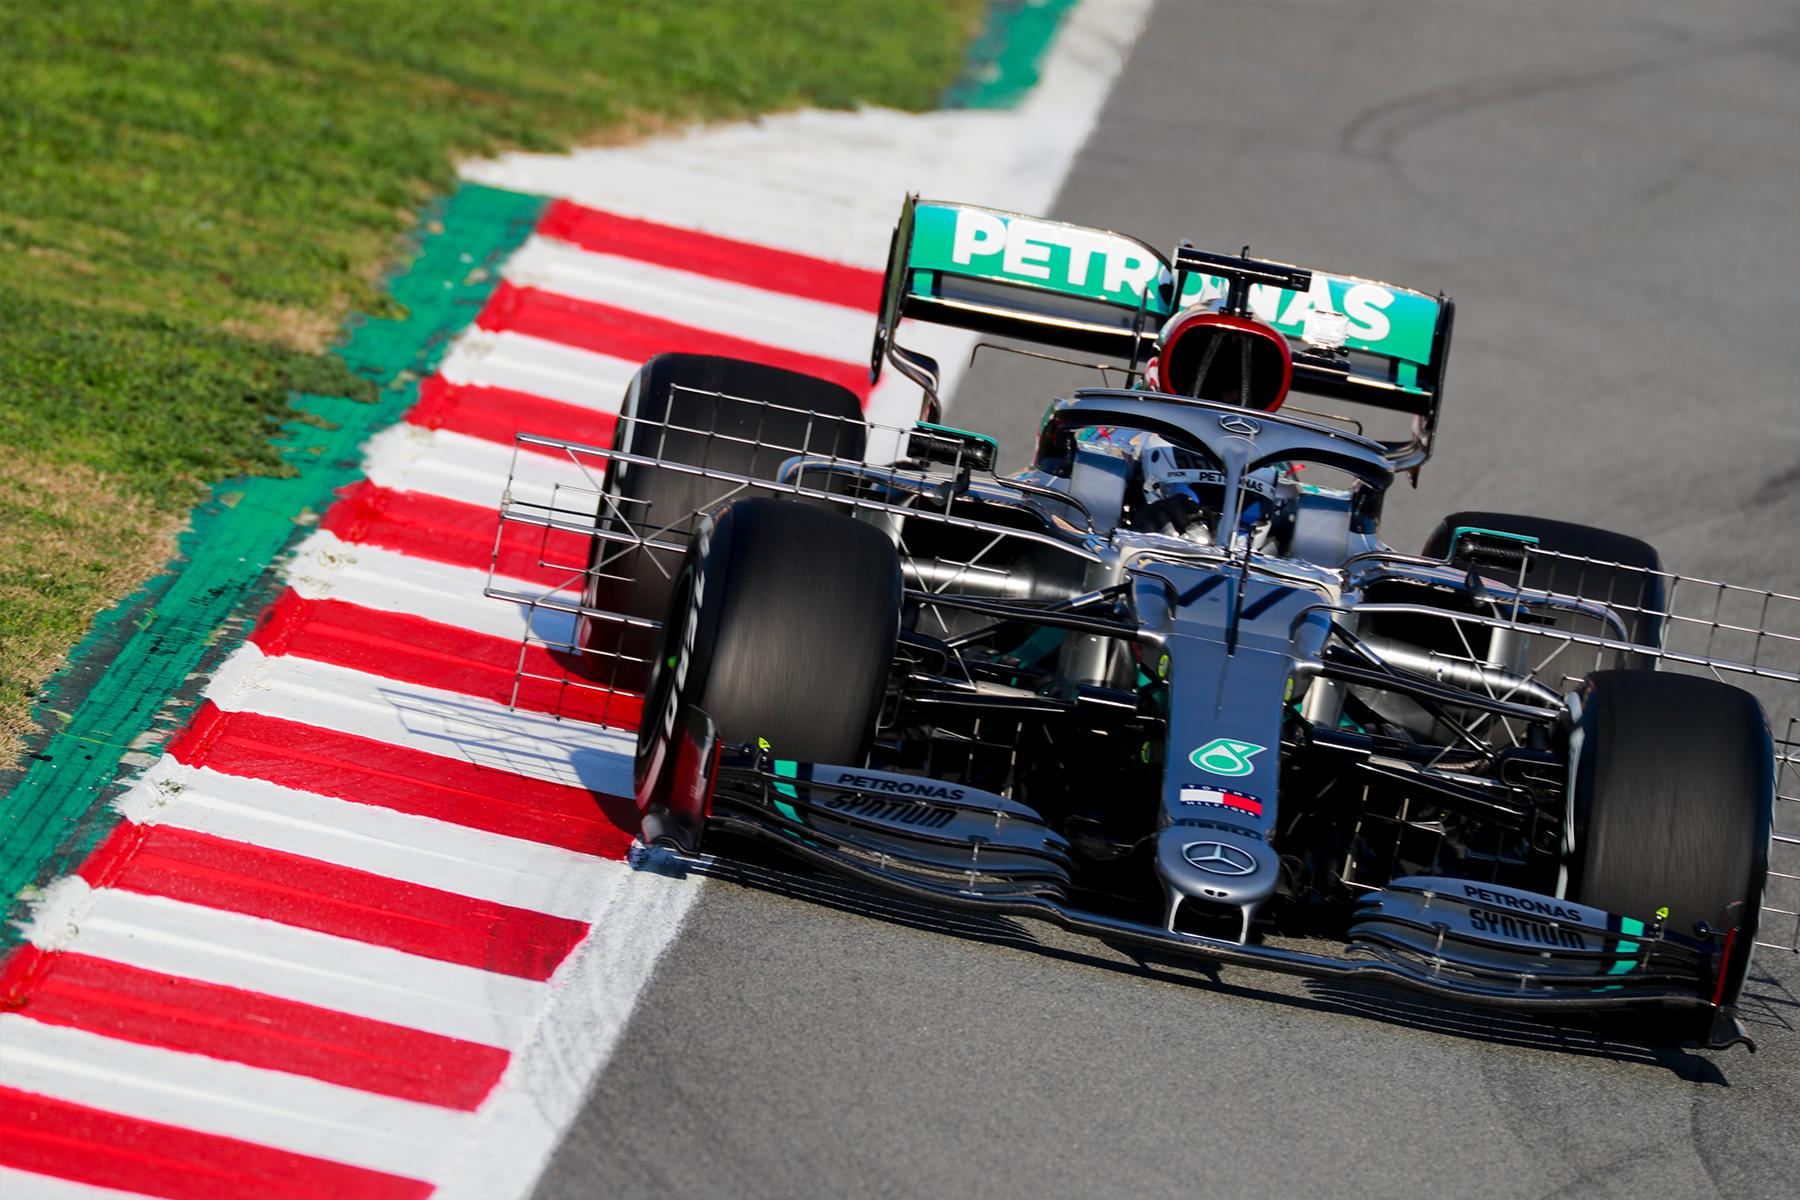 2020. – Teška godina za svijet, odlična sezona za Formulu 1